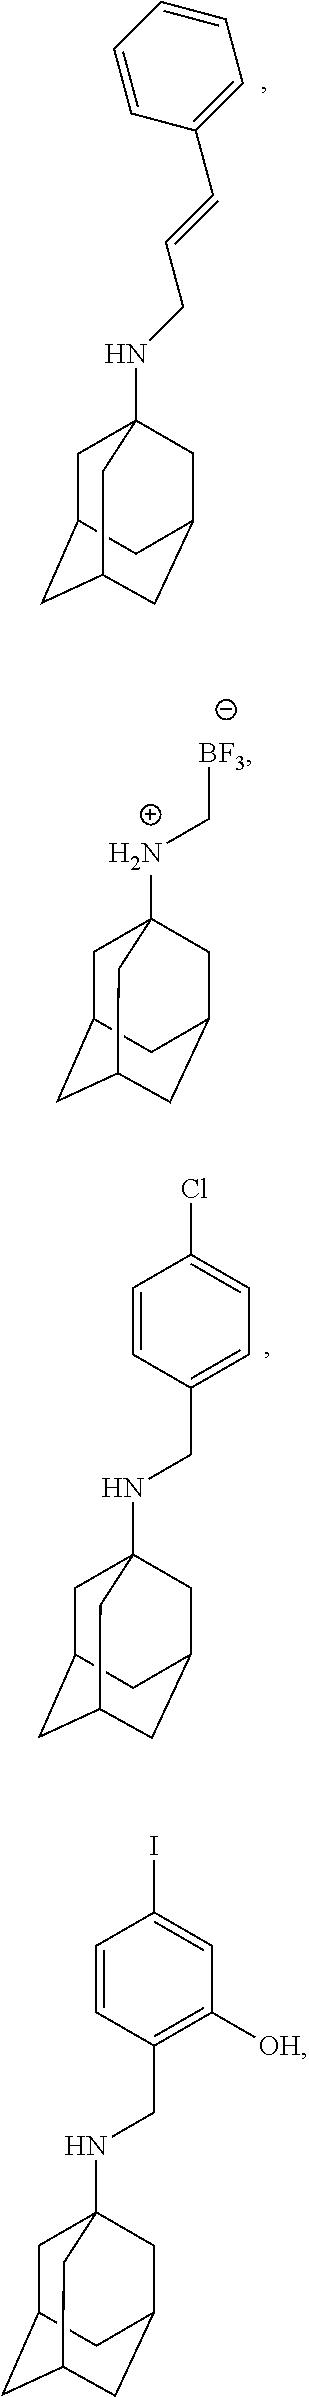 Figure US09884832-20180206-C00181